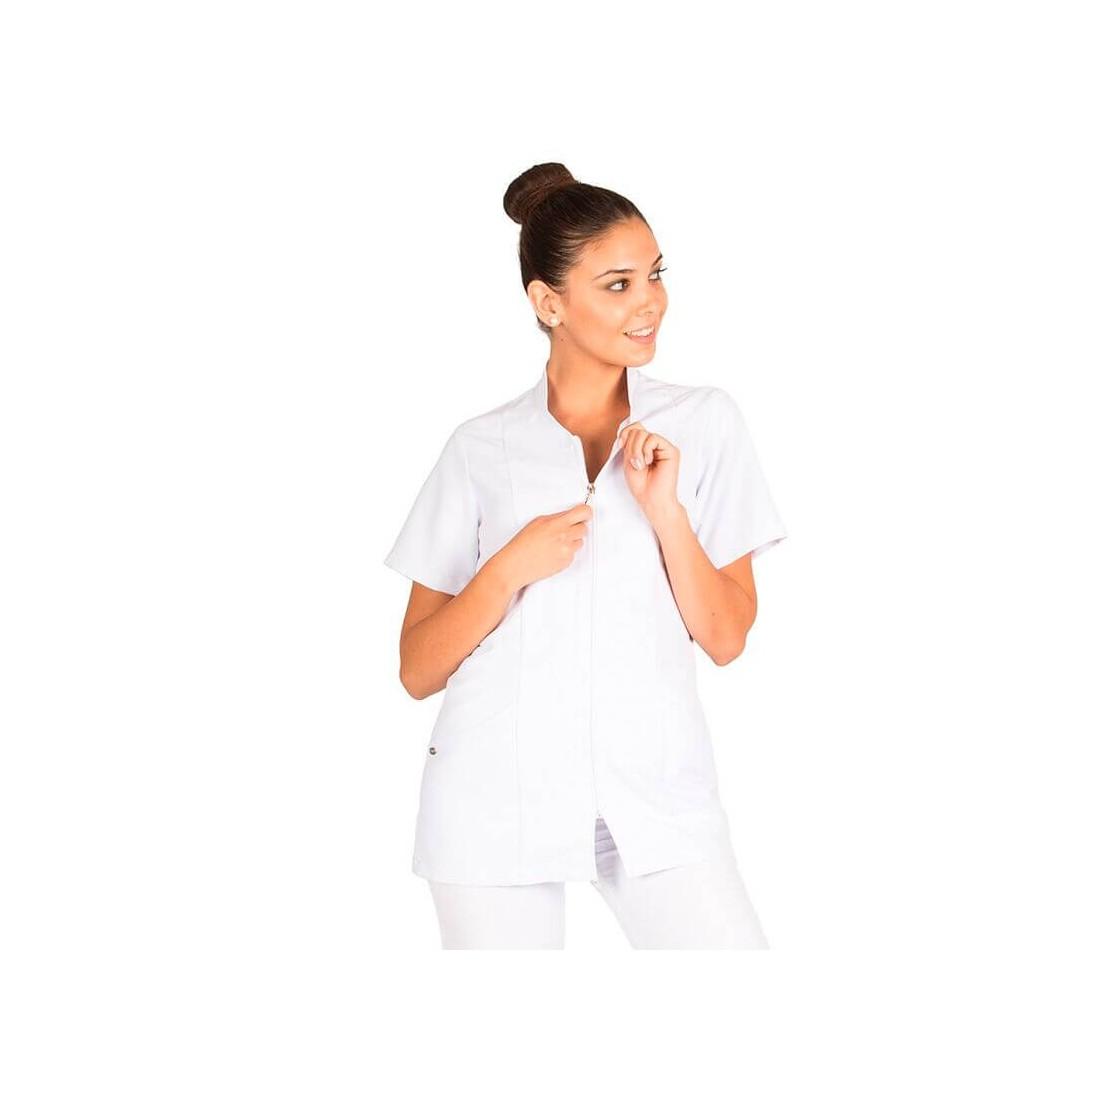 Chaqueta señora peluquería y estética mod. Menorca